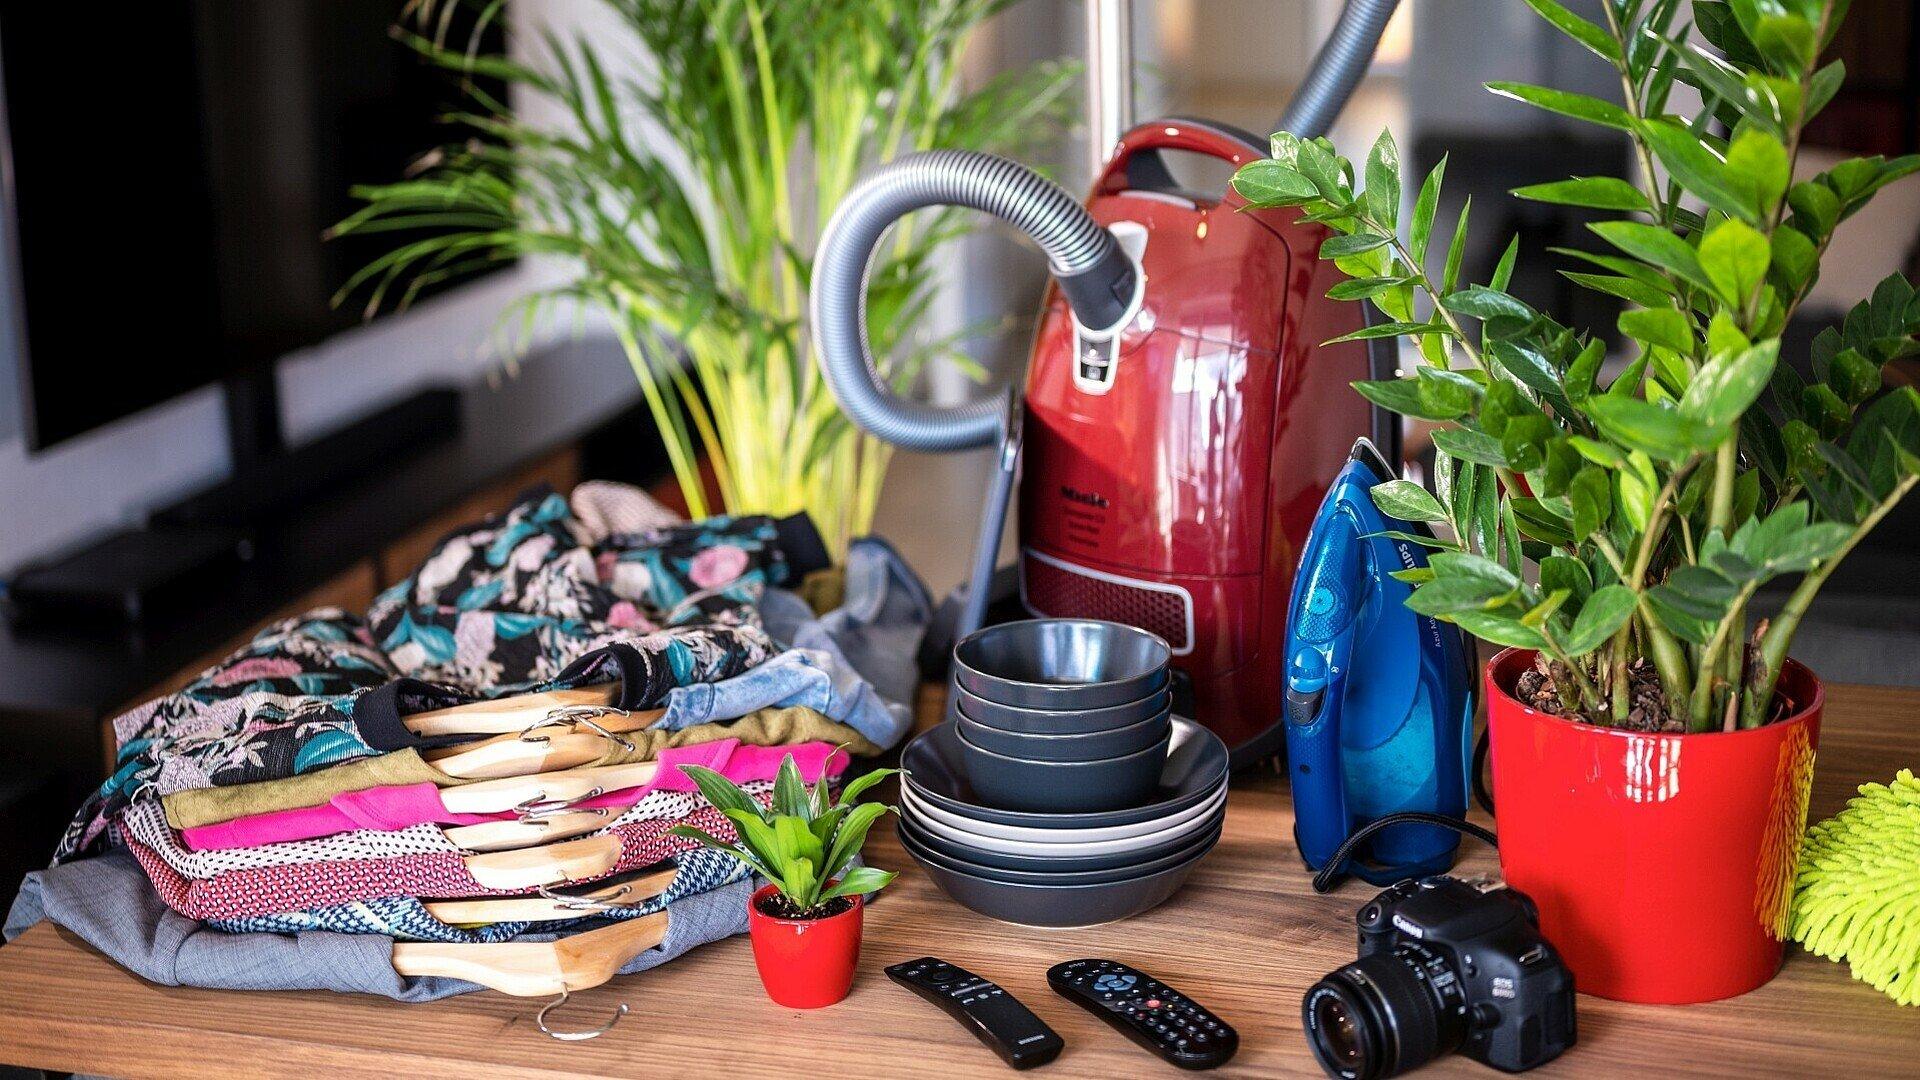 Beweglichen Gegenstände in der Wohnung